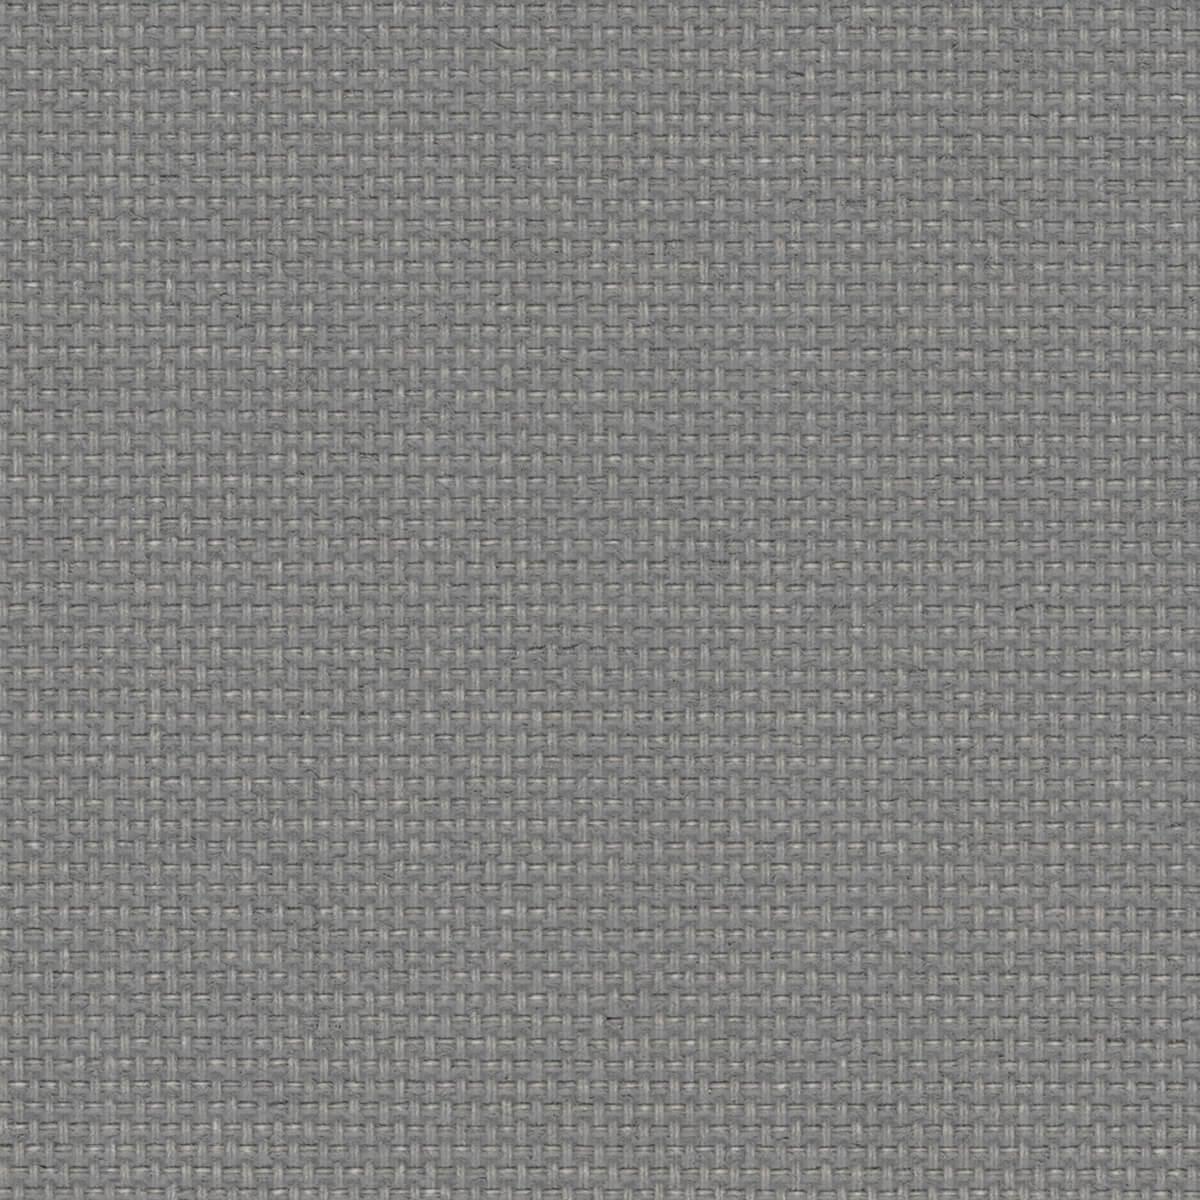 پرده شید با سبک مدرن   جنس پلی استر   کد VSH09  گروه وراتی